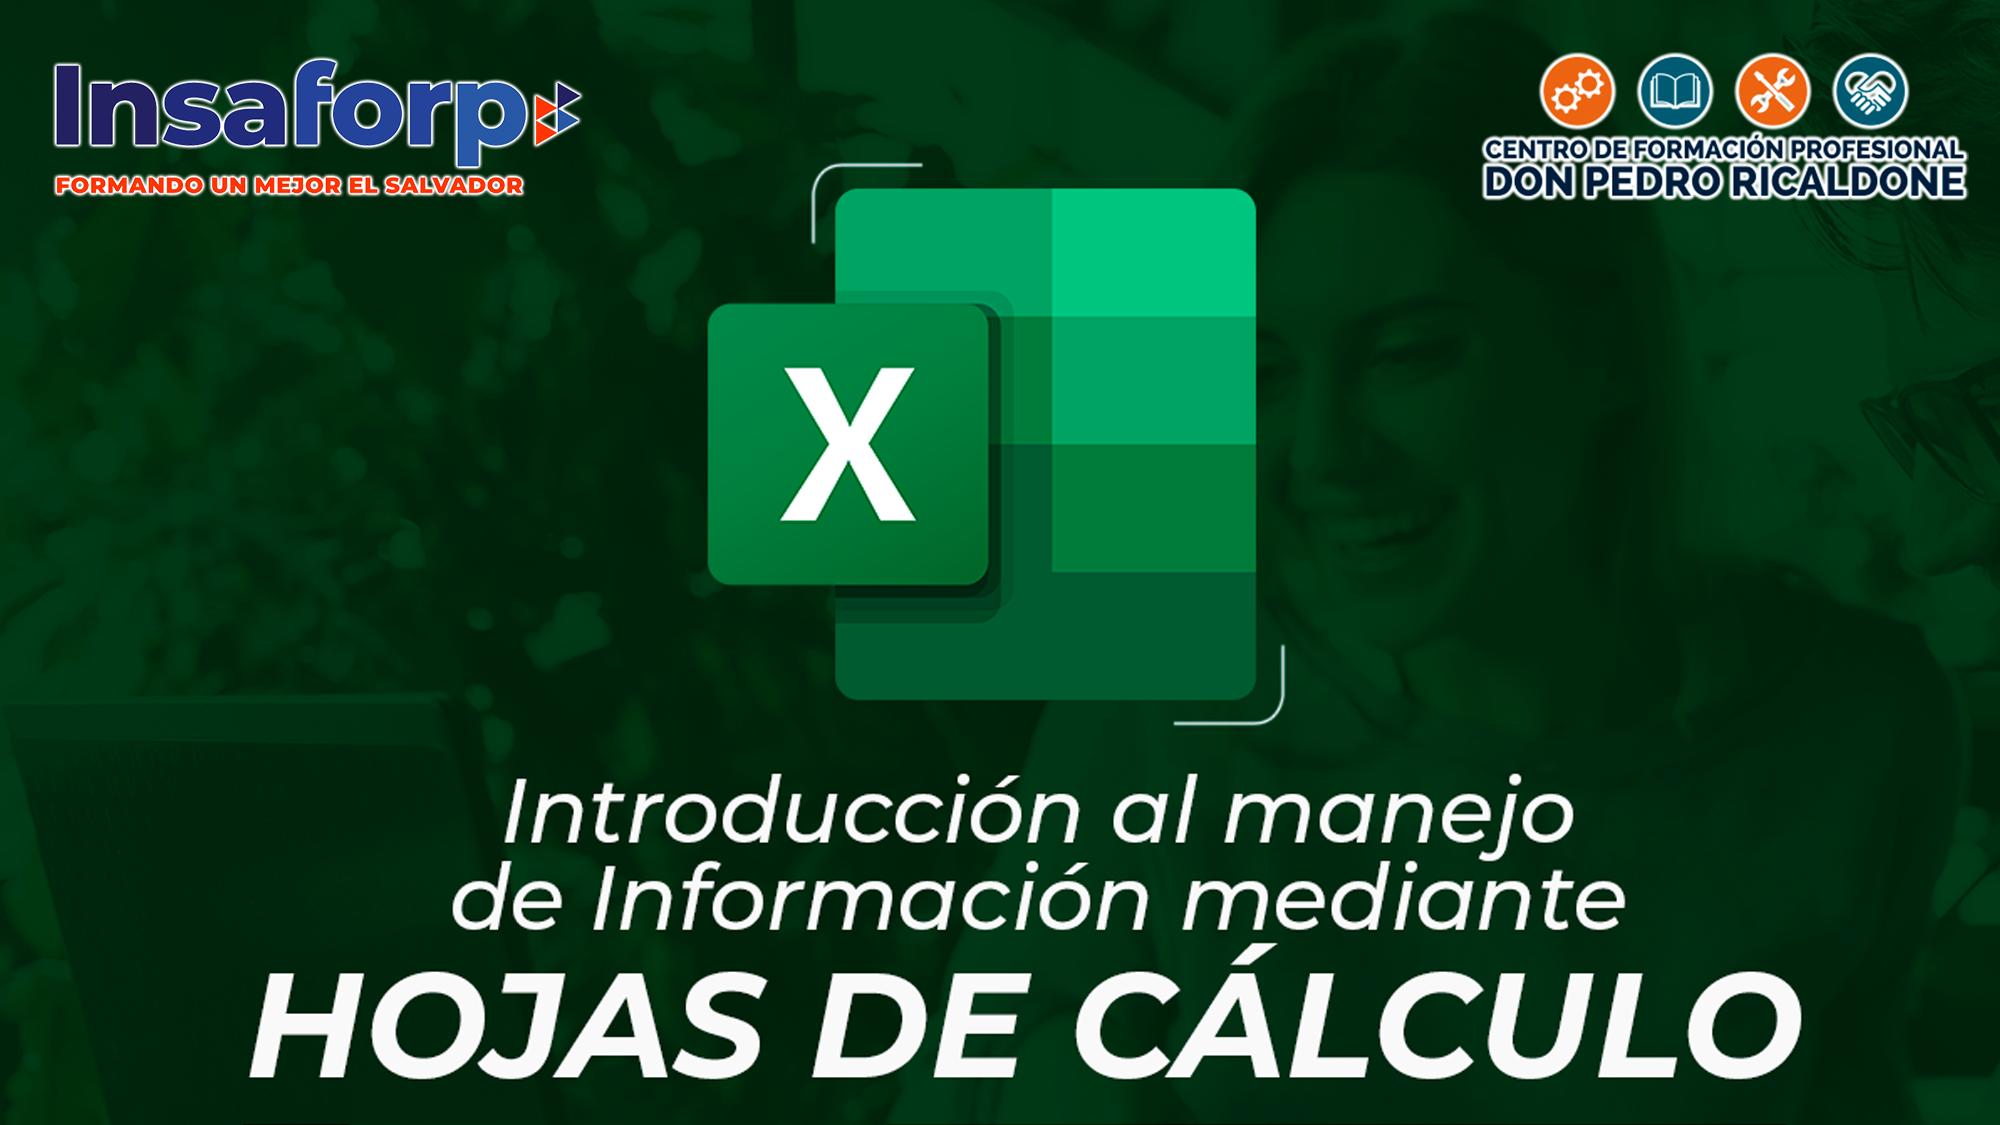 INTRODUCCIÓN AL MANEJO DE INFORMACIÓN MEDIANTE HOJAS DE CÁLCULO - PROESP-ITRO-018